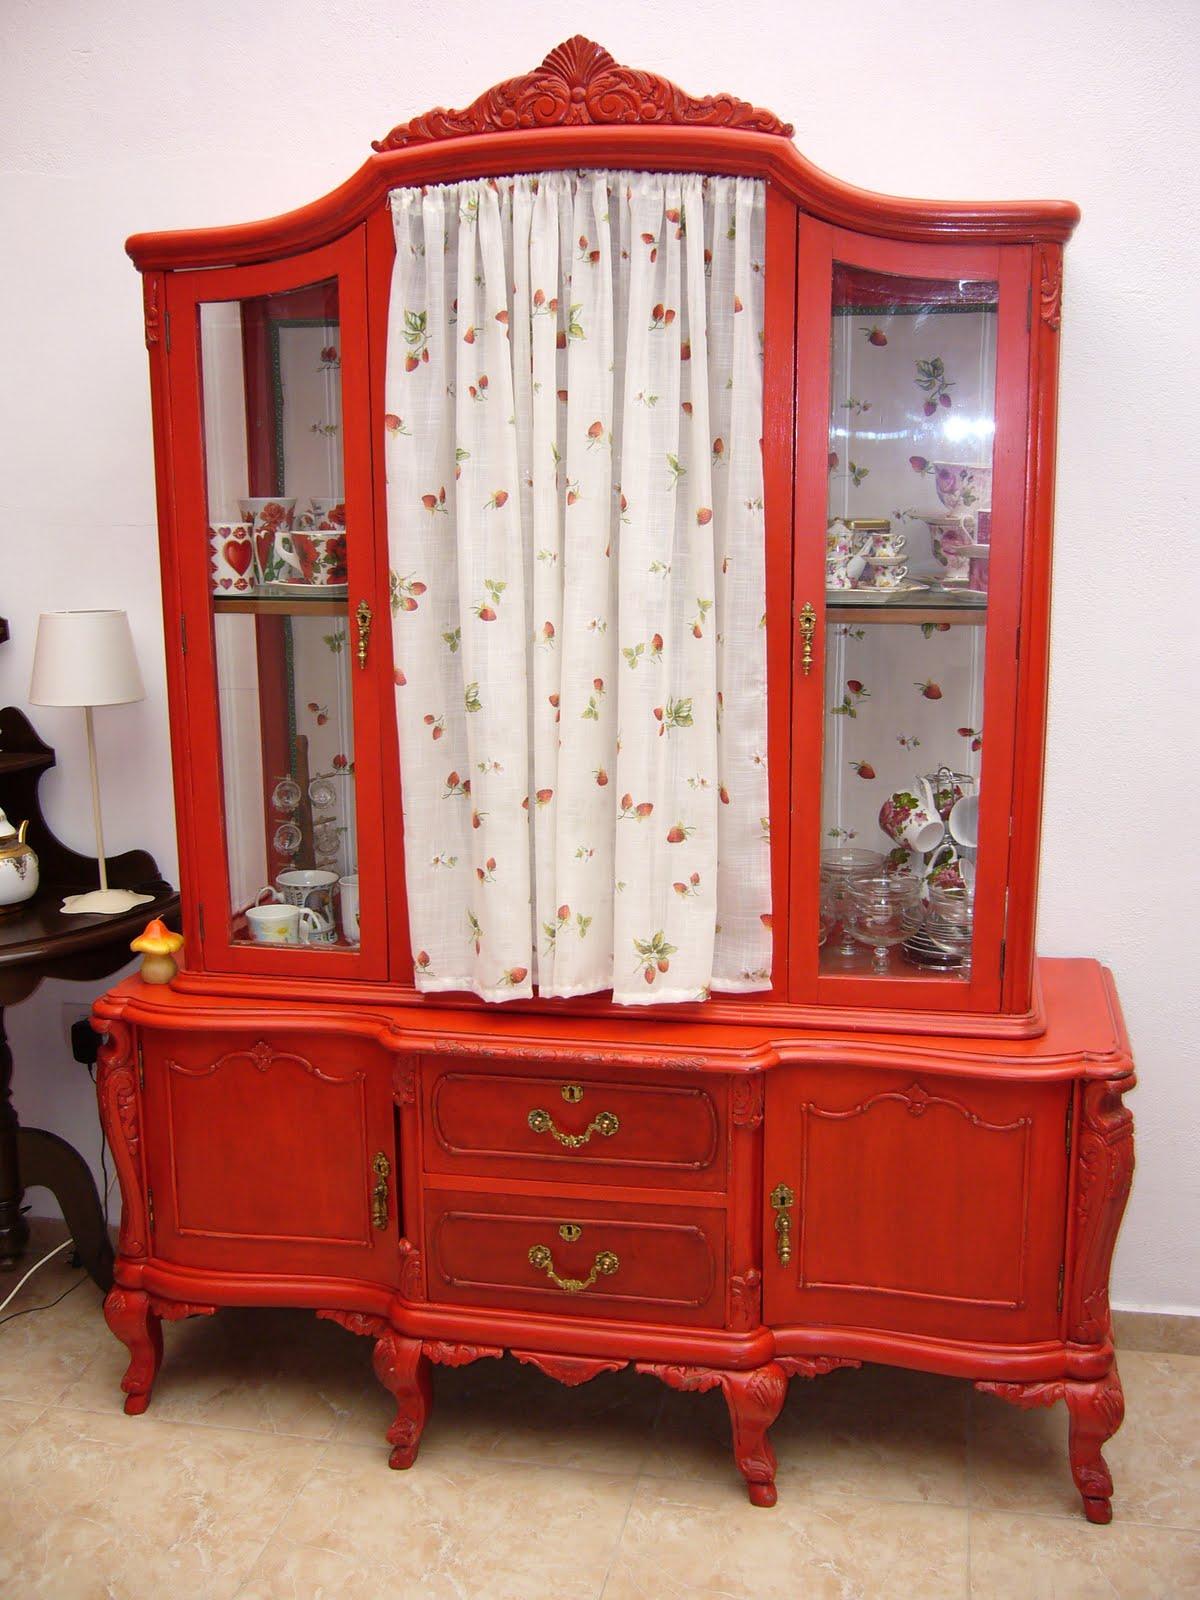 La Restauradora Muebles Patinados Cuatro Rojos  # Muebles Patinados En Blanco